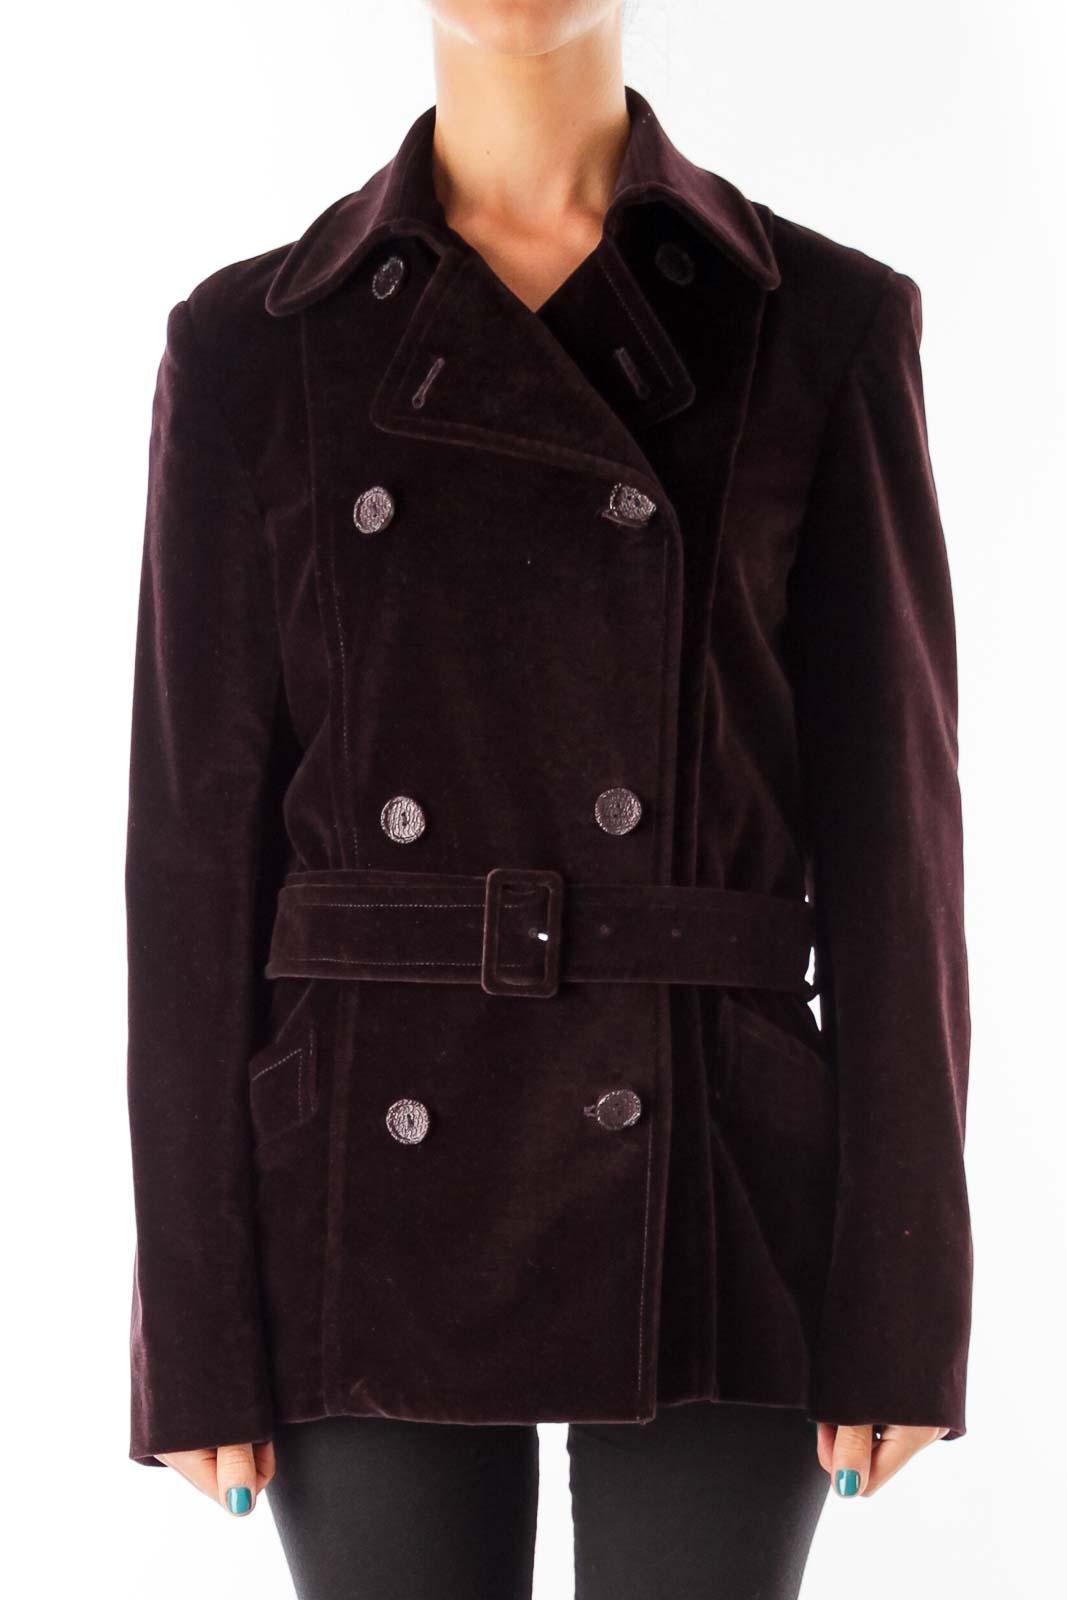 Burgundy Velvet Jacket Front